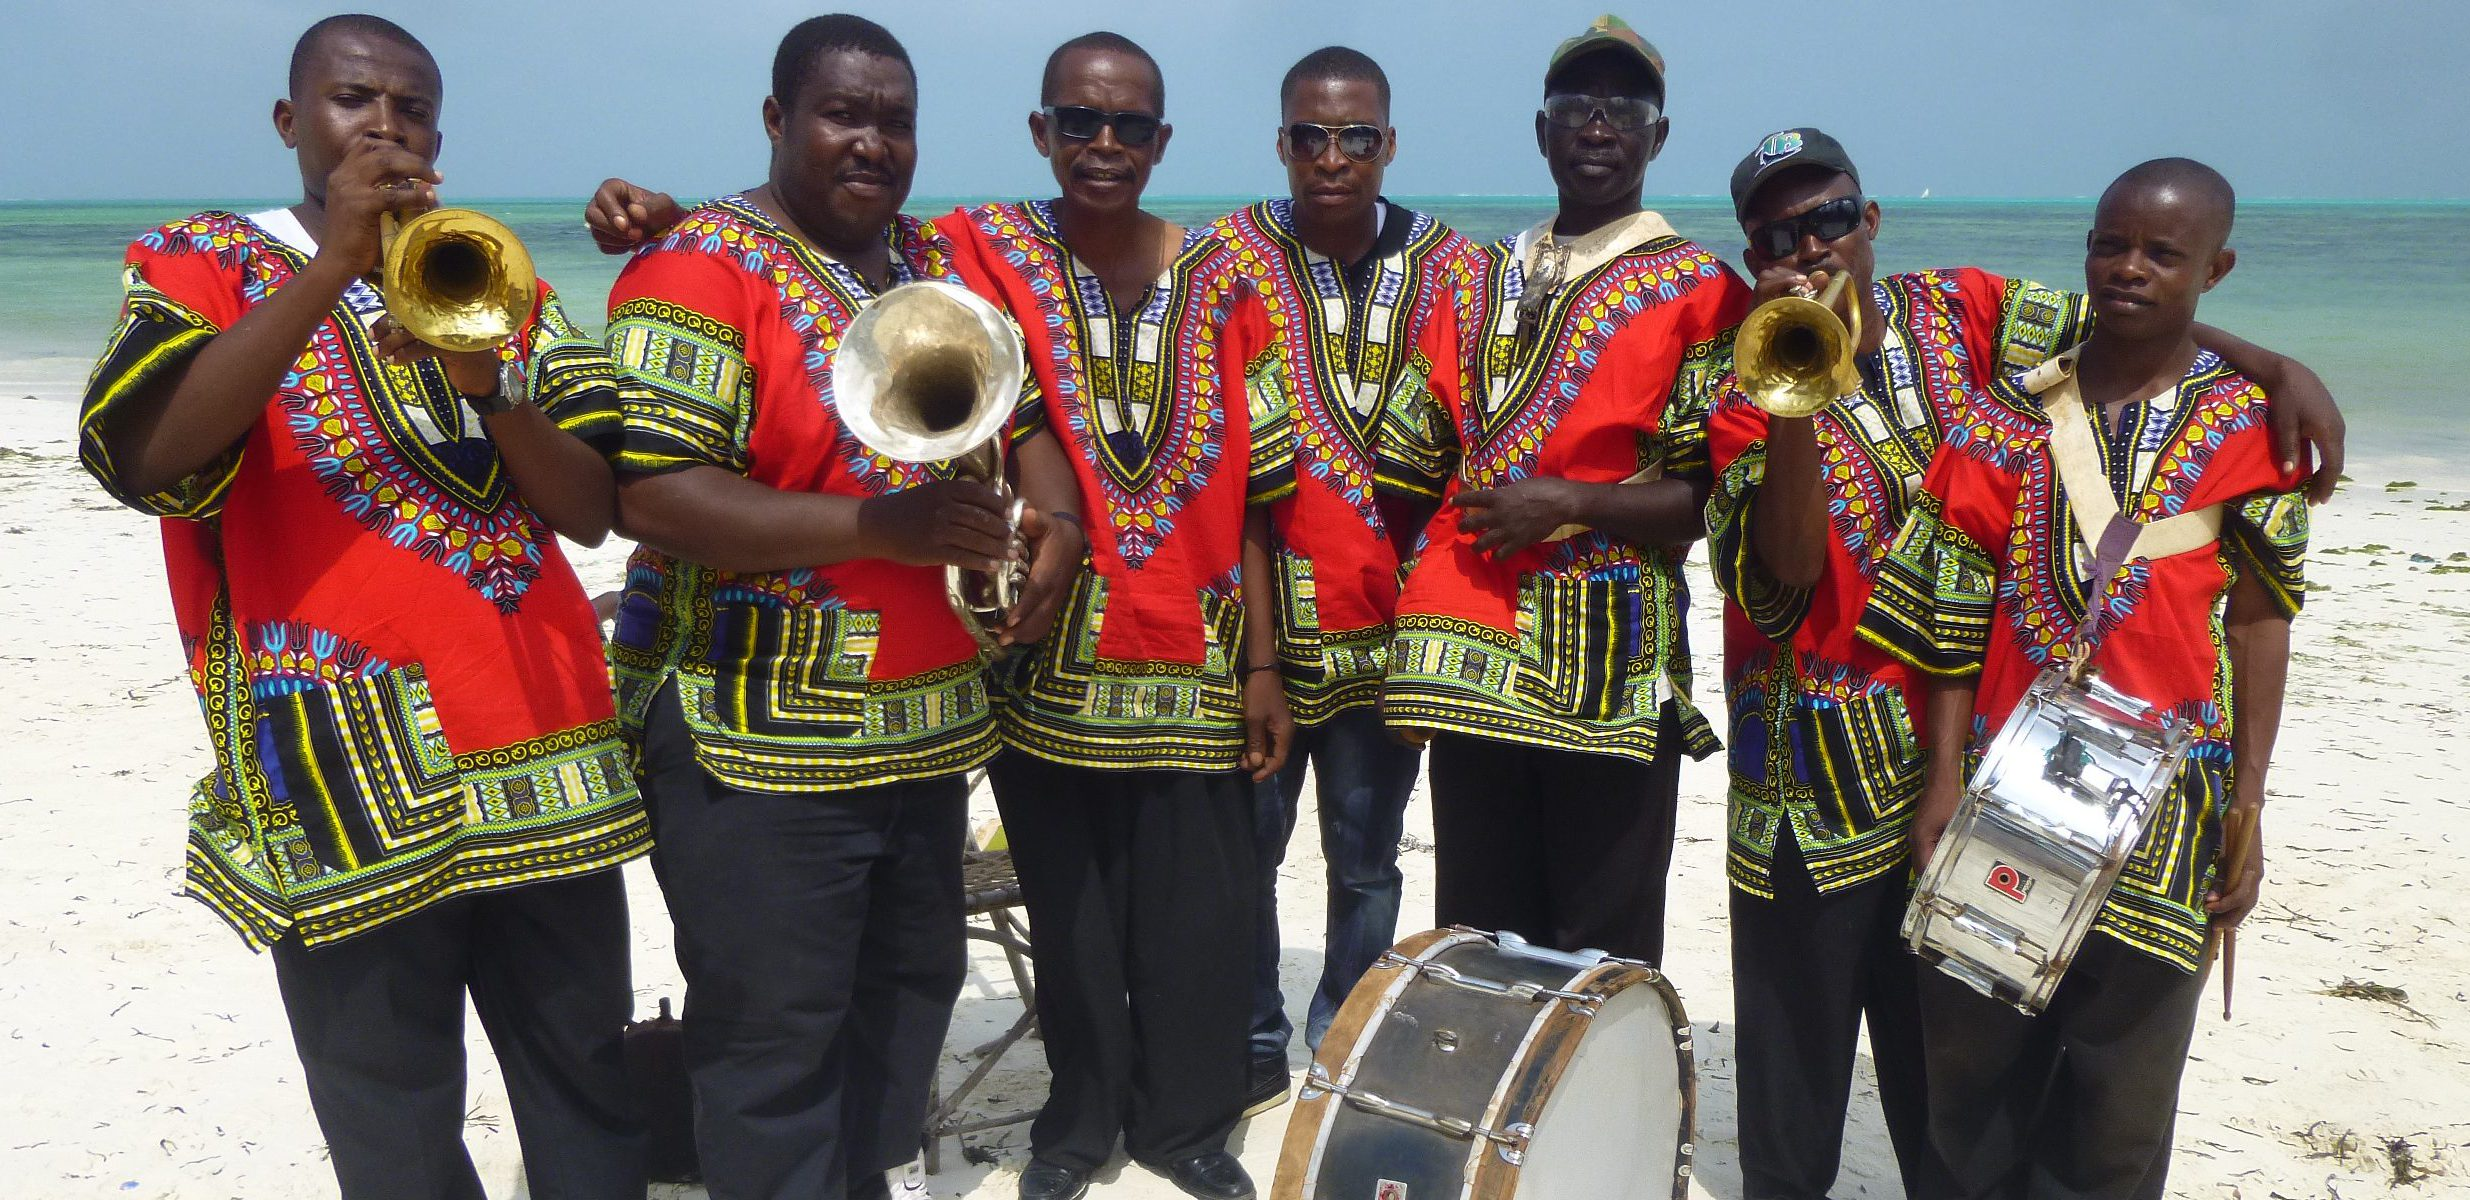 Happy New Year mit der Militärbrassband am Strand von jambiani